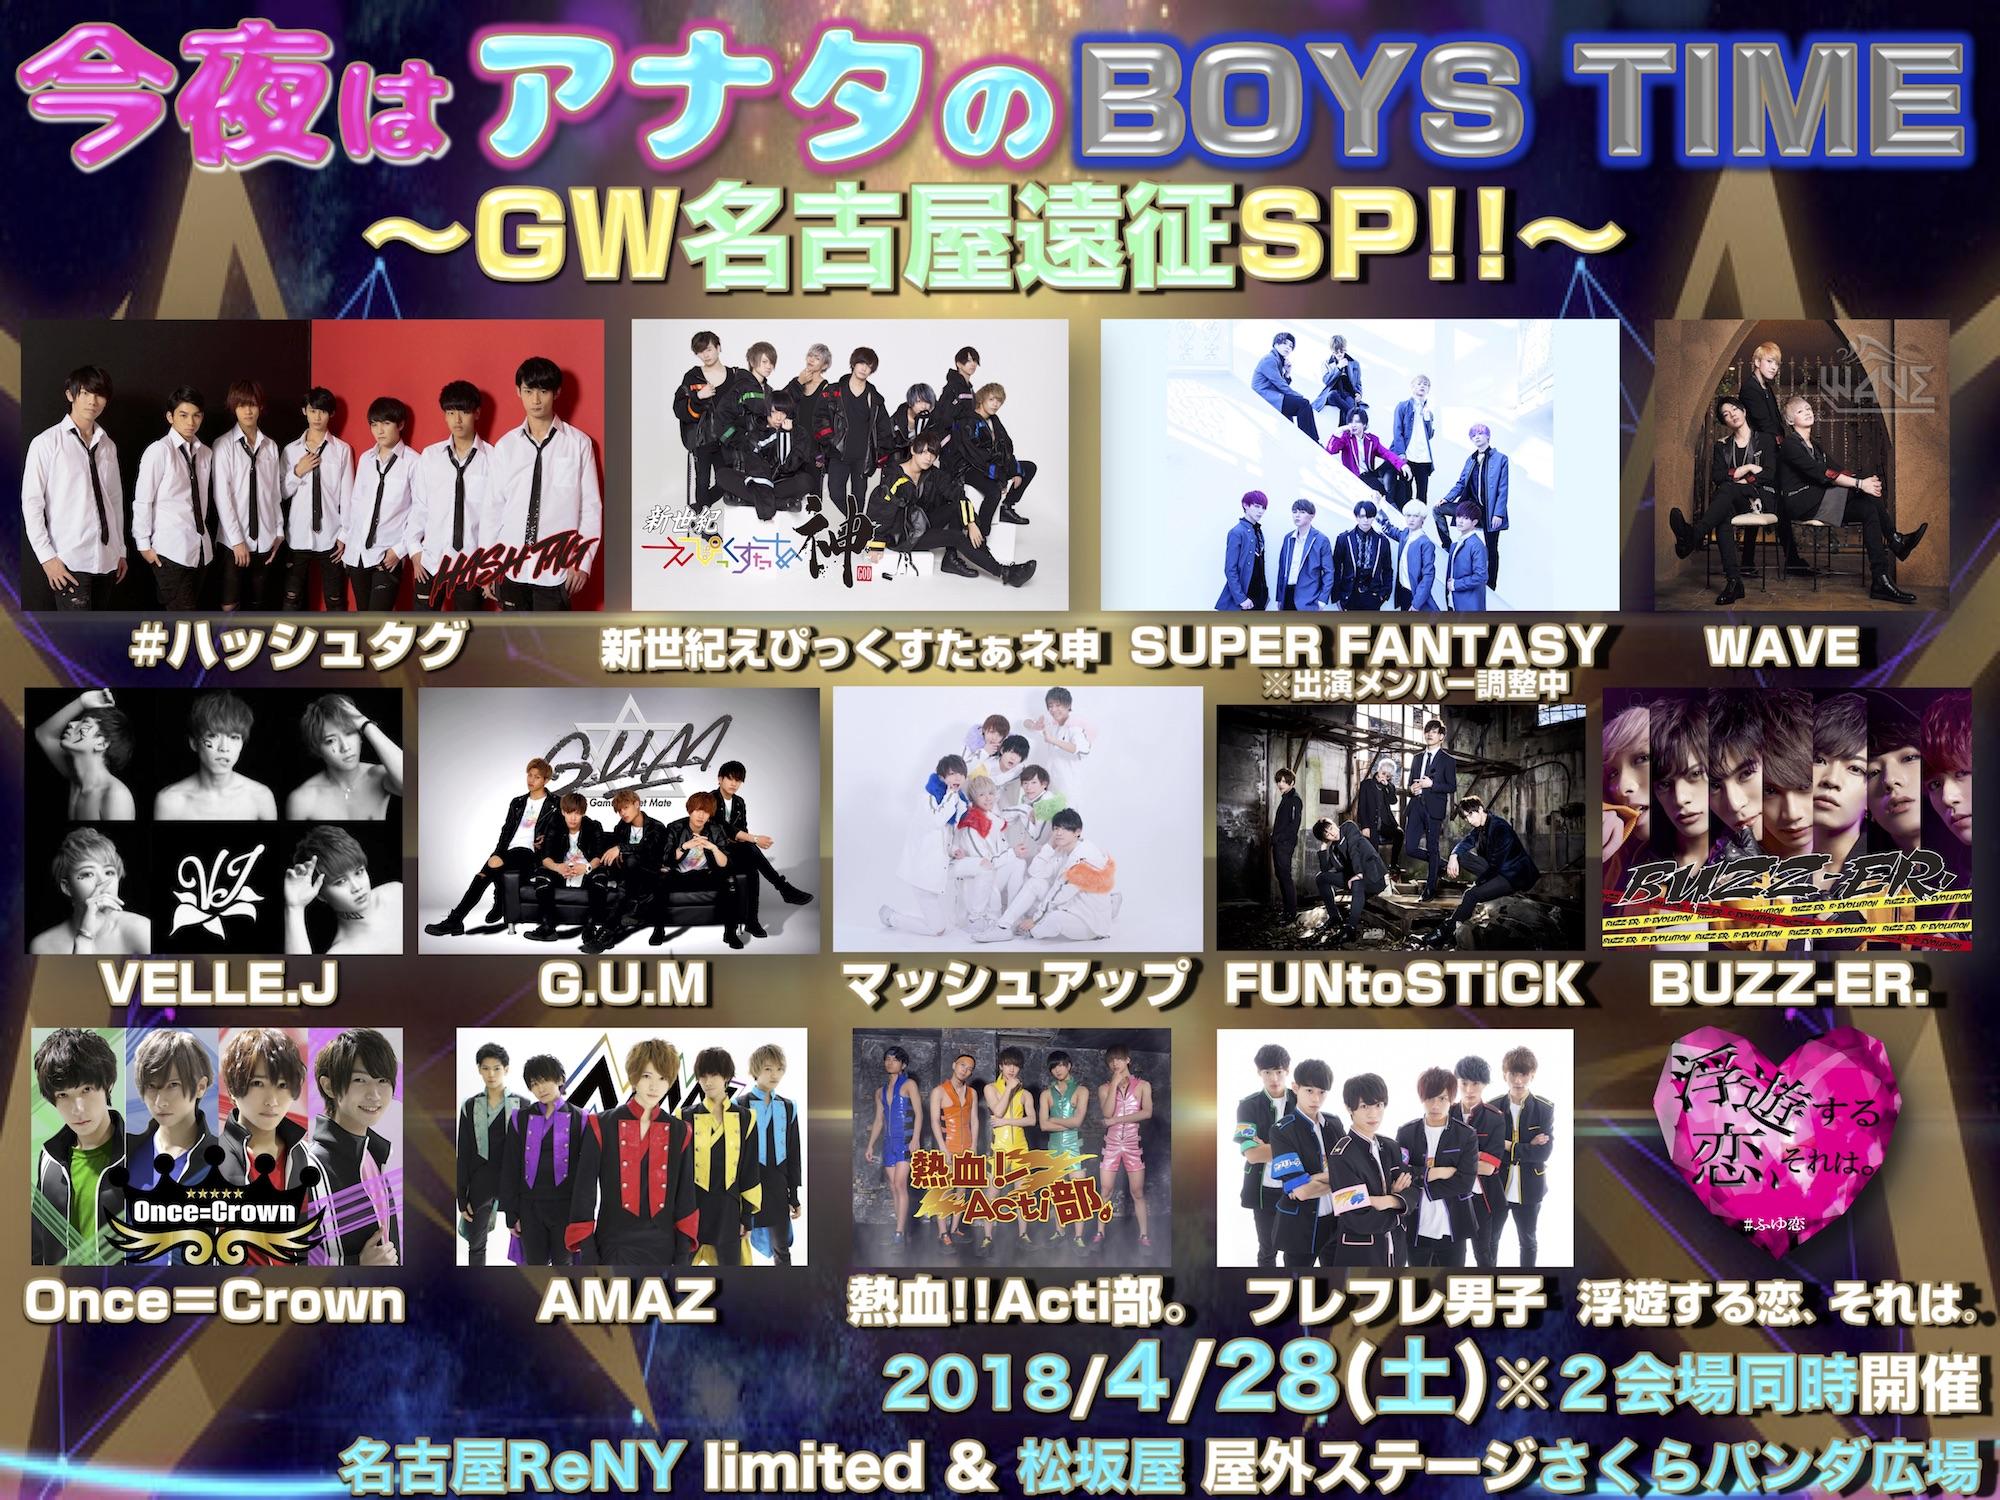 【1部】今夜はアナタのBOYS TIME 〜GW名古屋遠征SP!!〜